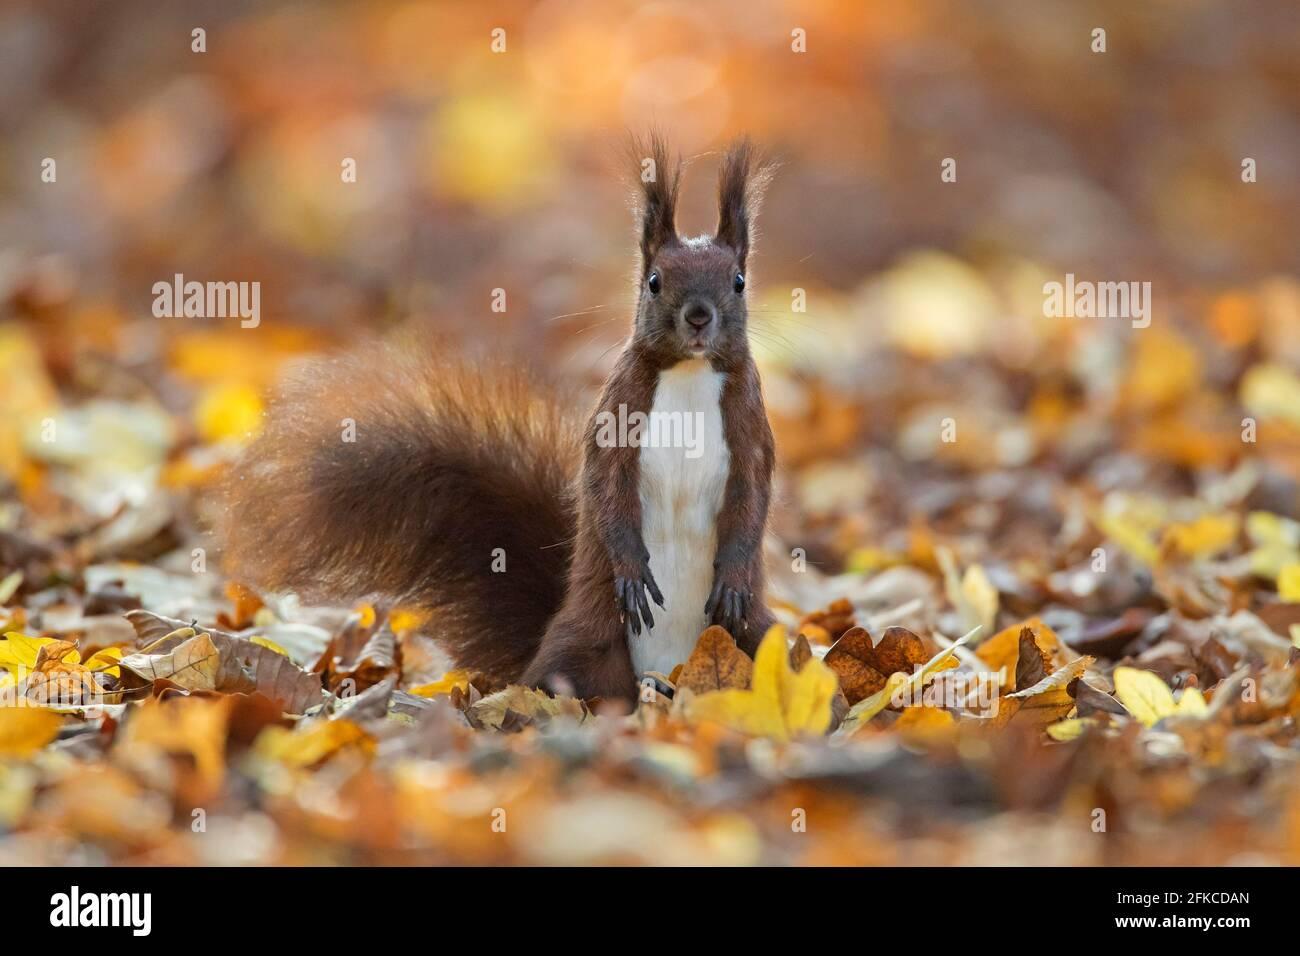 Alerta de ardilla roja euroasiática (Sciurus vulgaris) buscando peligro en el suelo en la basura de hoja el suelo forestal en el bosque de otoño Foto de stock